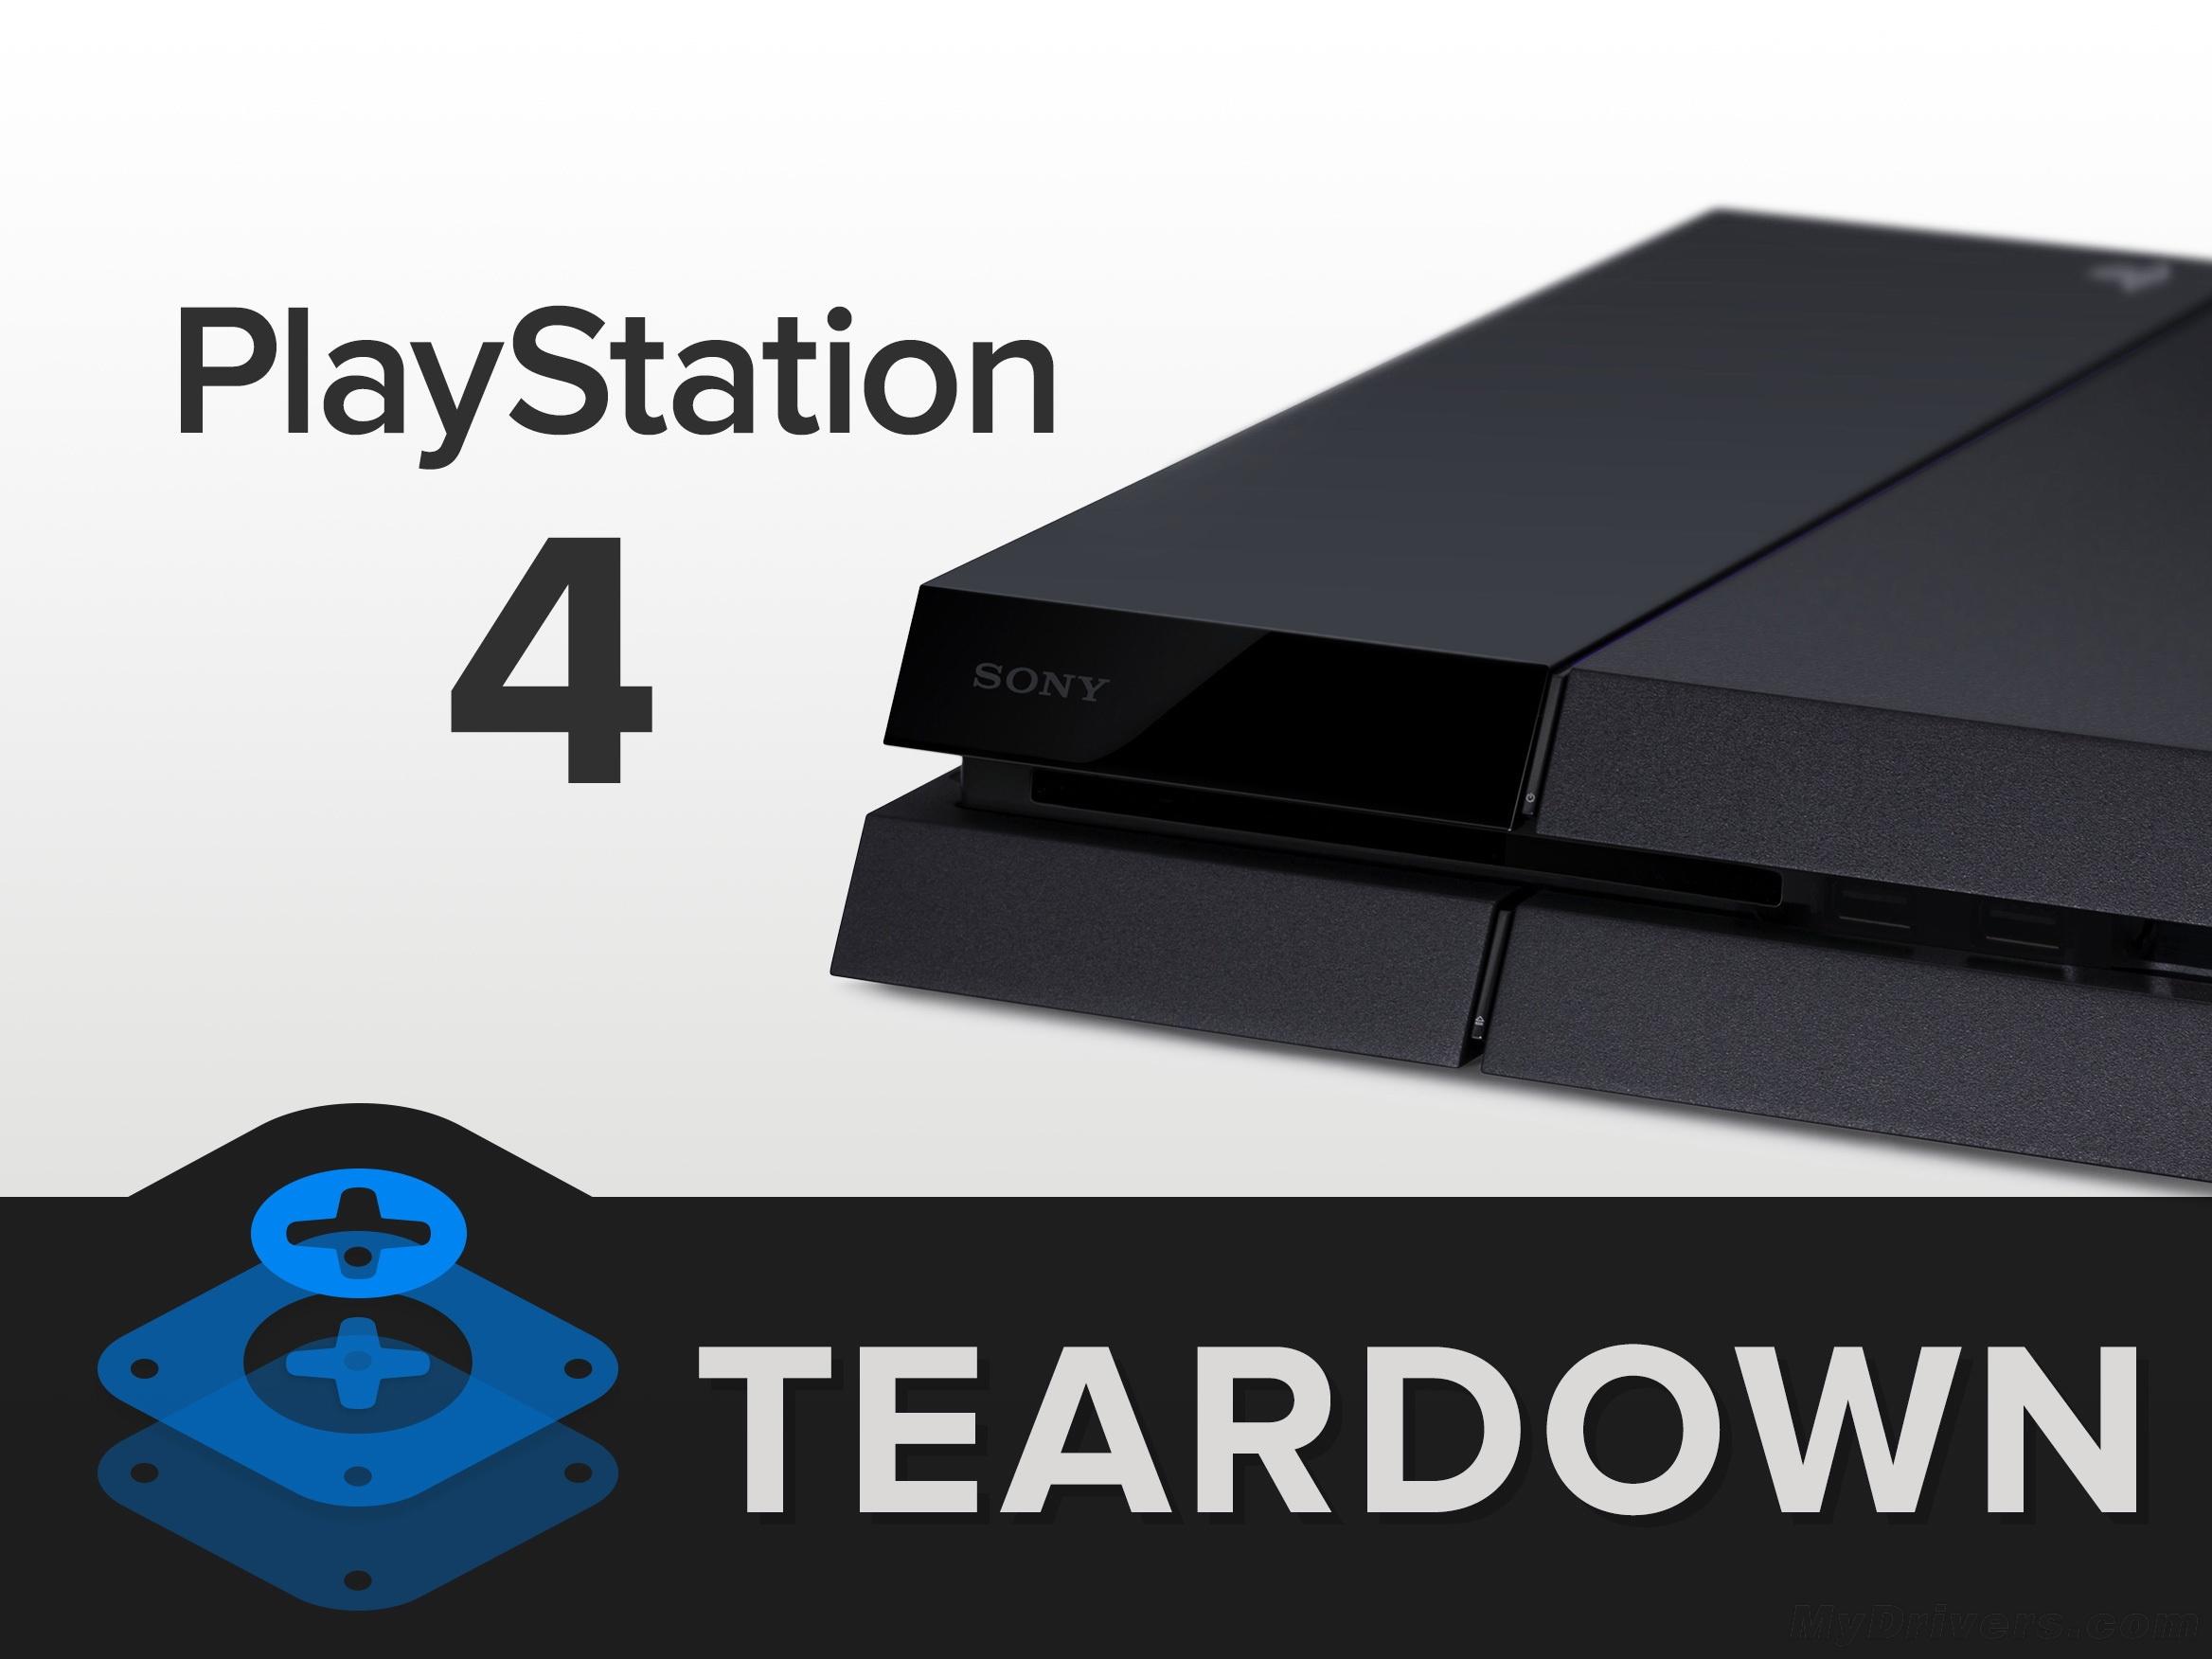 PS4拆解 做工及用料如何